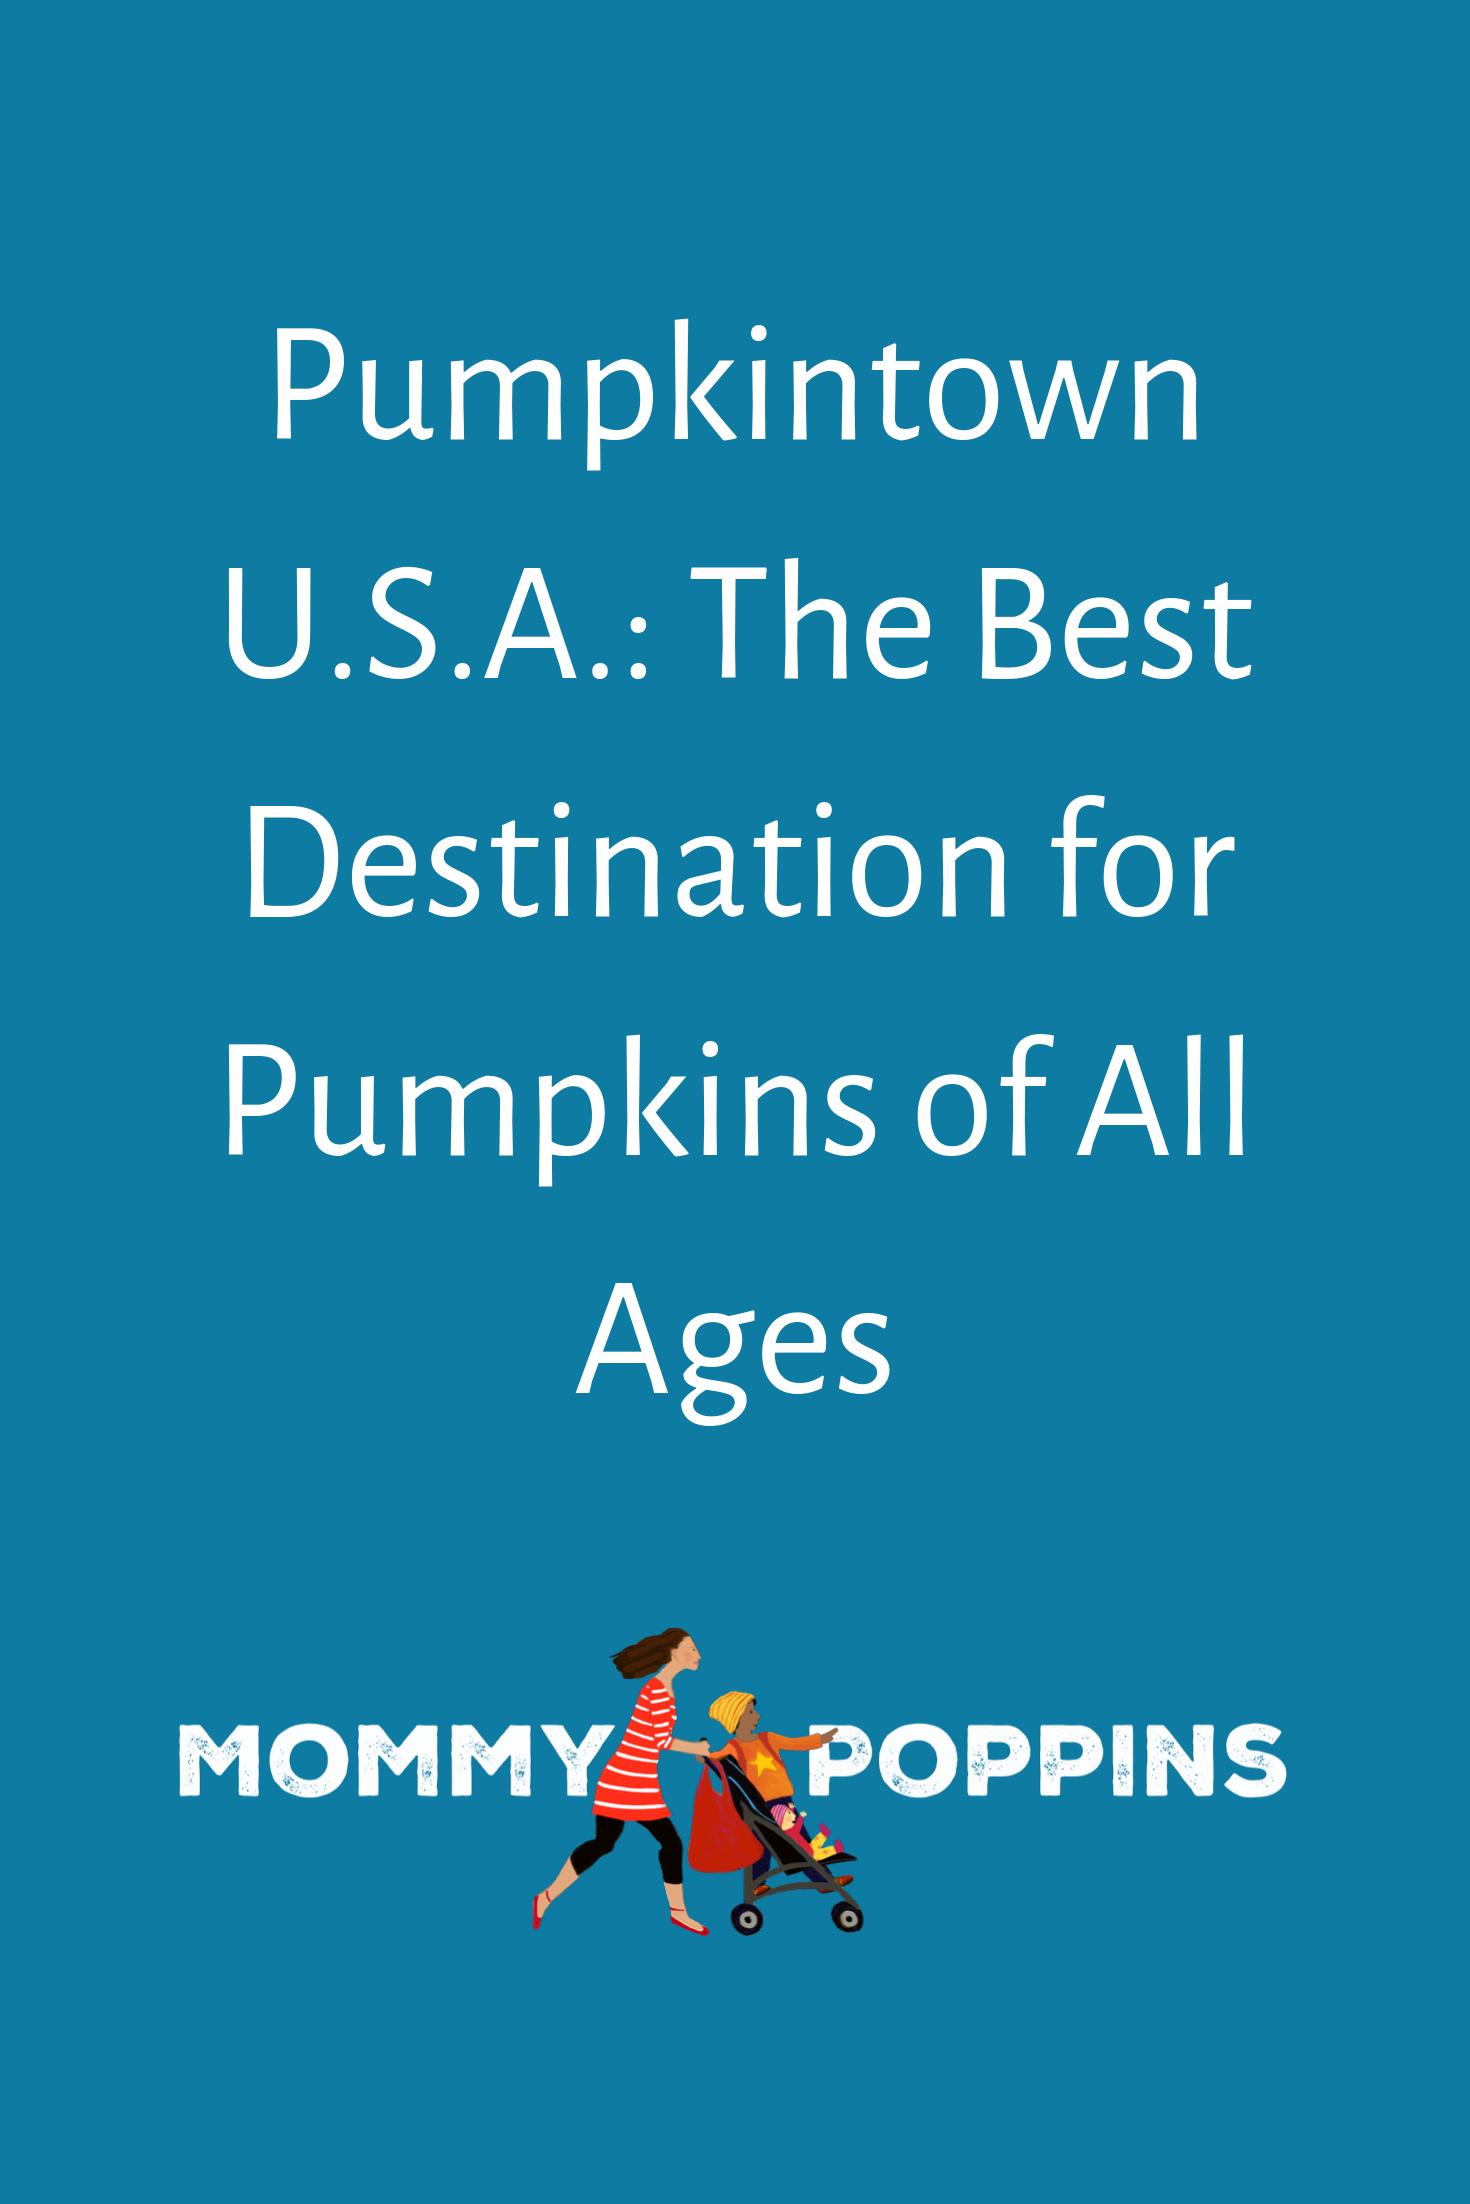 Pumpkintown U.S.A. The Best Destination for Pumpkins of